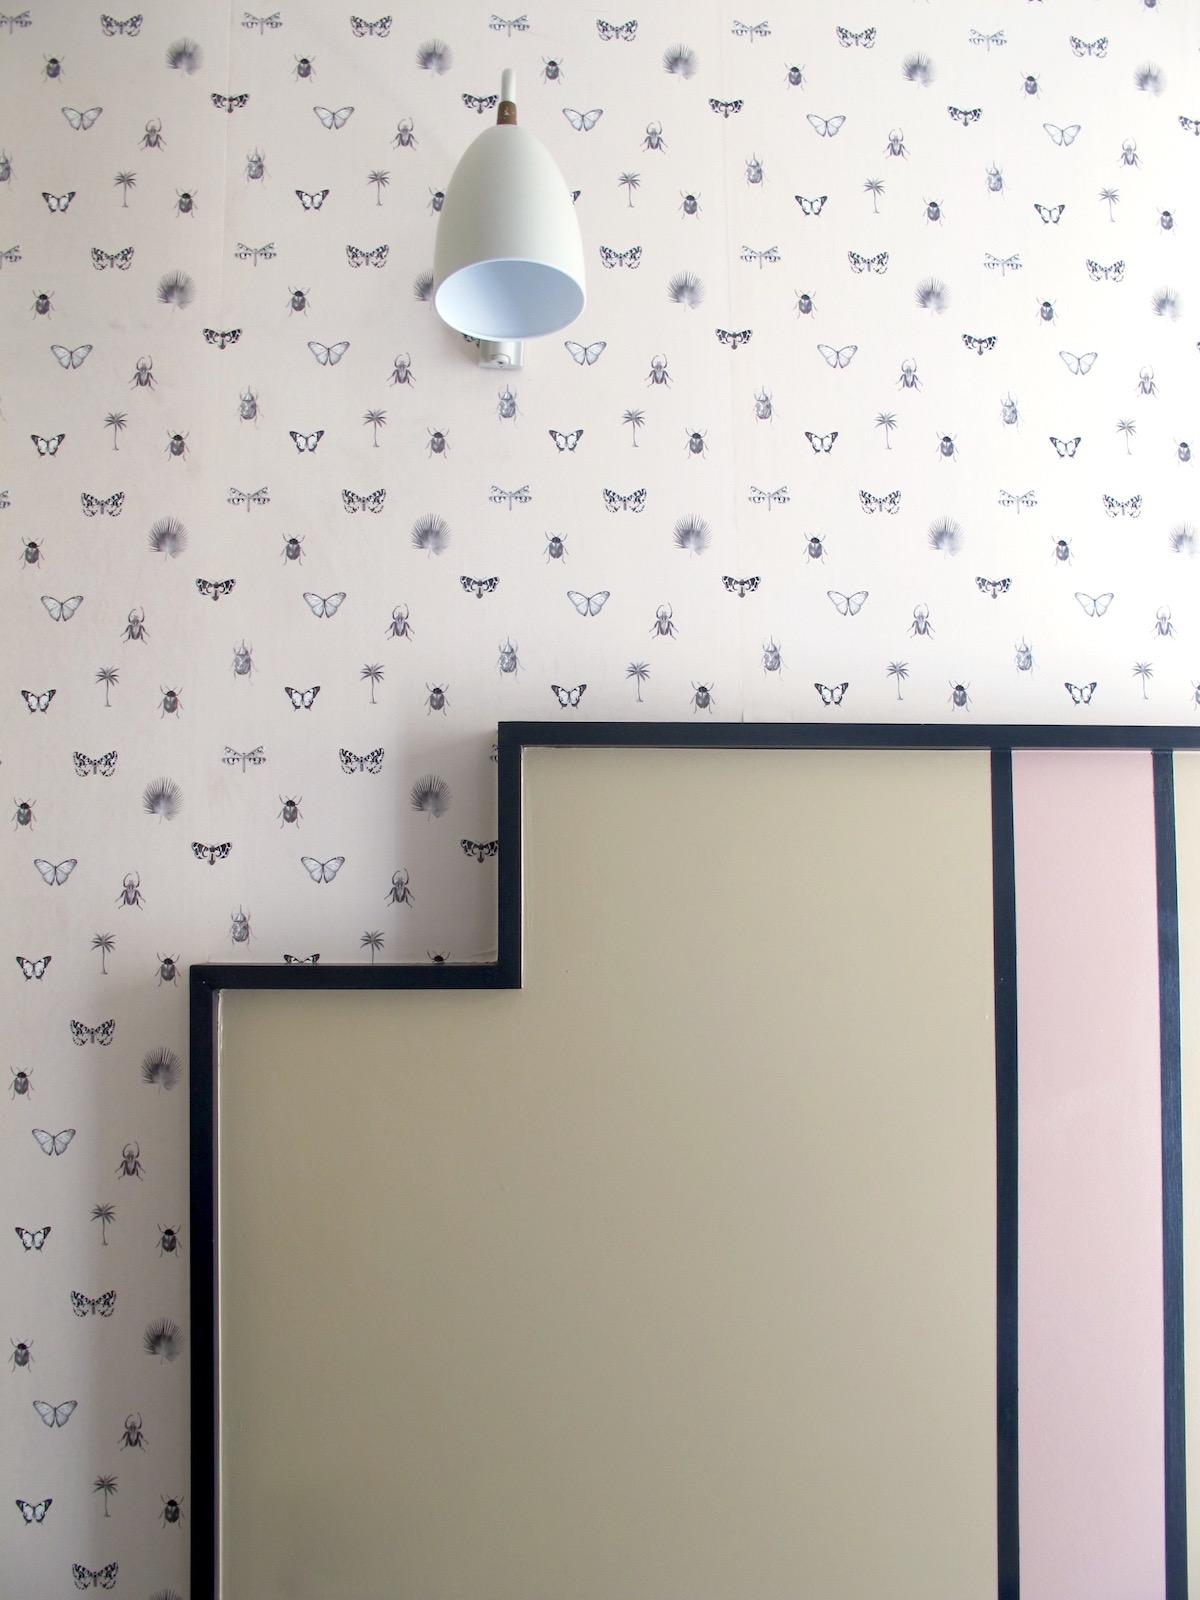 Emblématique, le papier peint - Reprenant toute la singularité des motifs Maison Caumont, le papier peint s'invite sur les murs, meubles, cahiers... pour éblouir vos intérieurs.